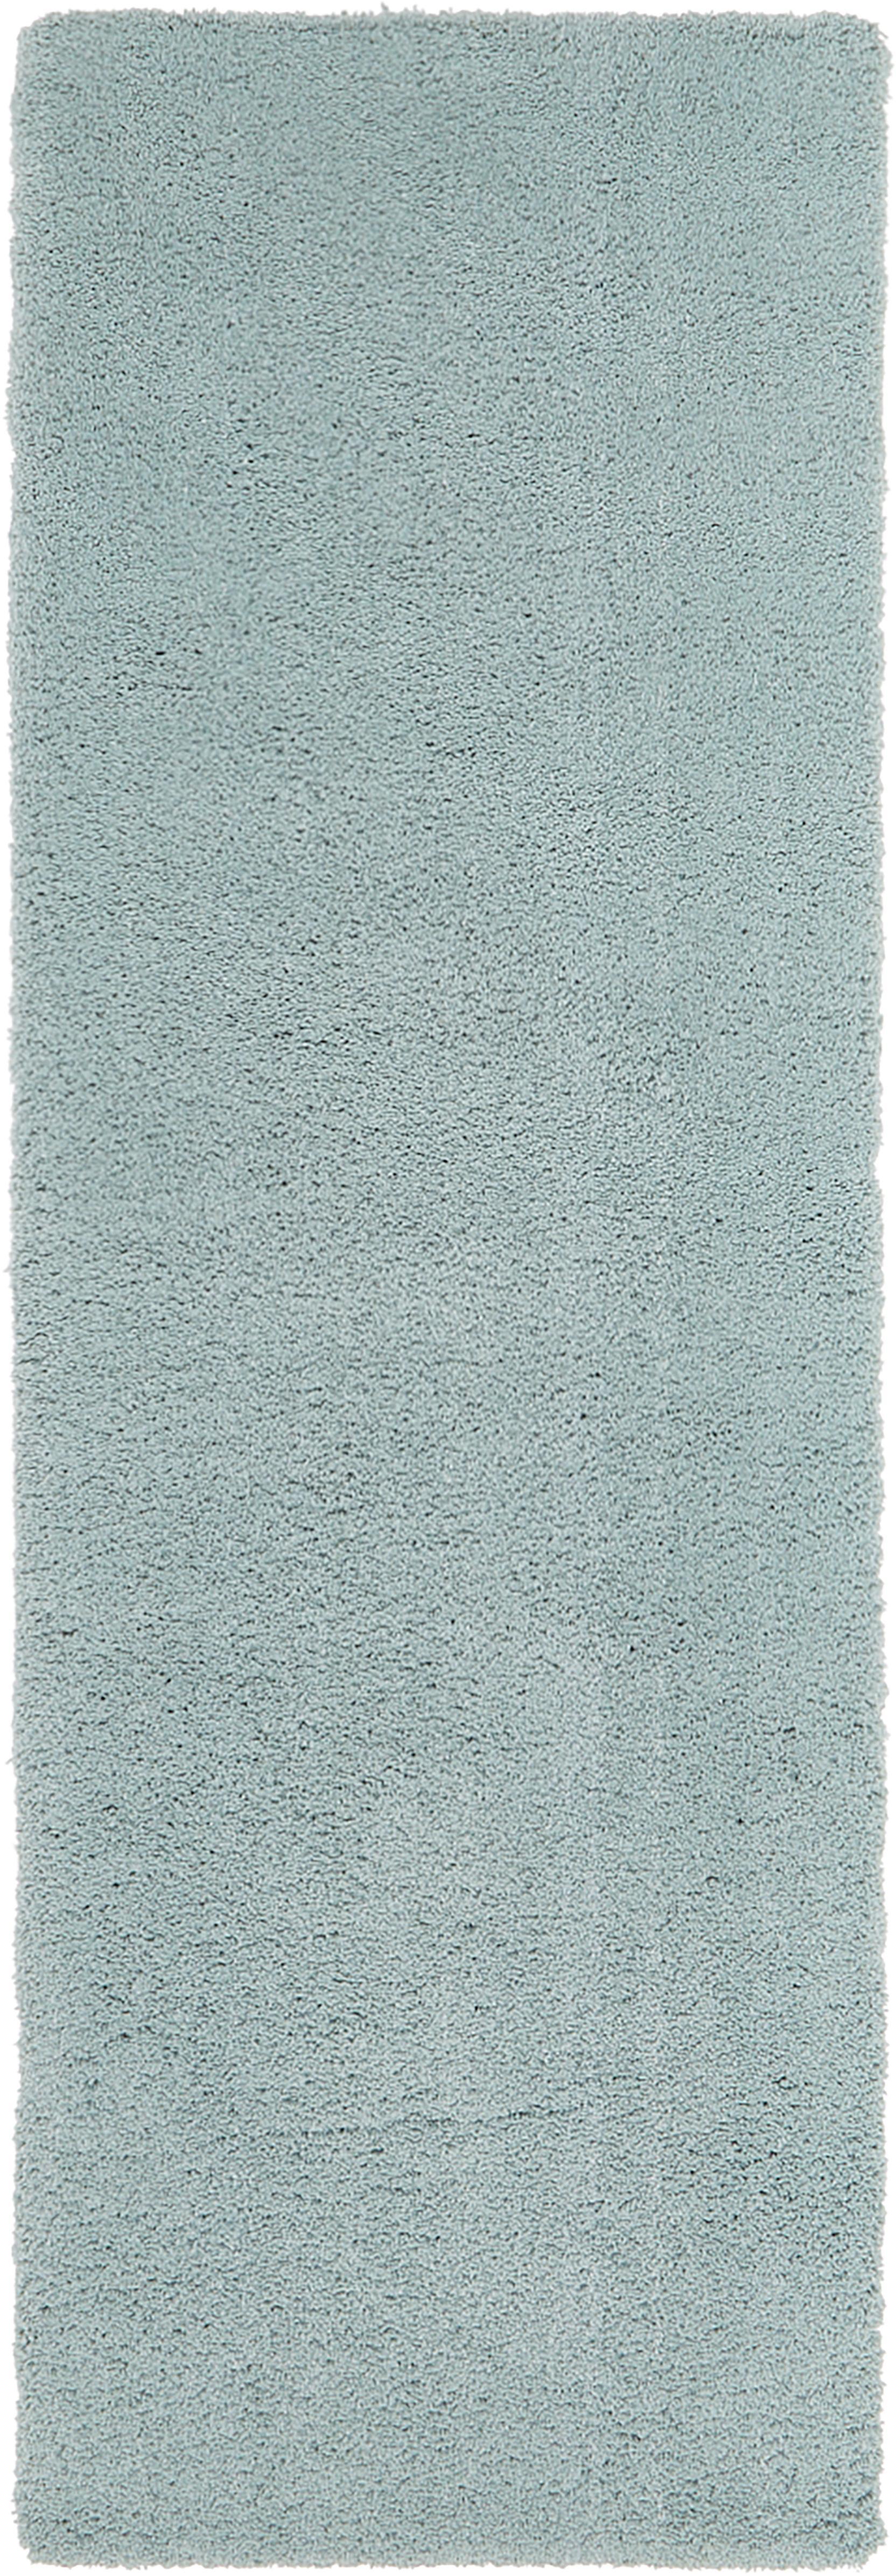 Puszysty chodnik Leighton, Zielony miętowy, S 80 x D 250 cm